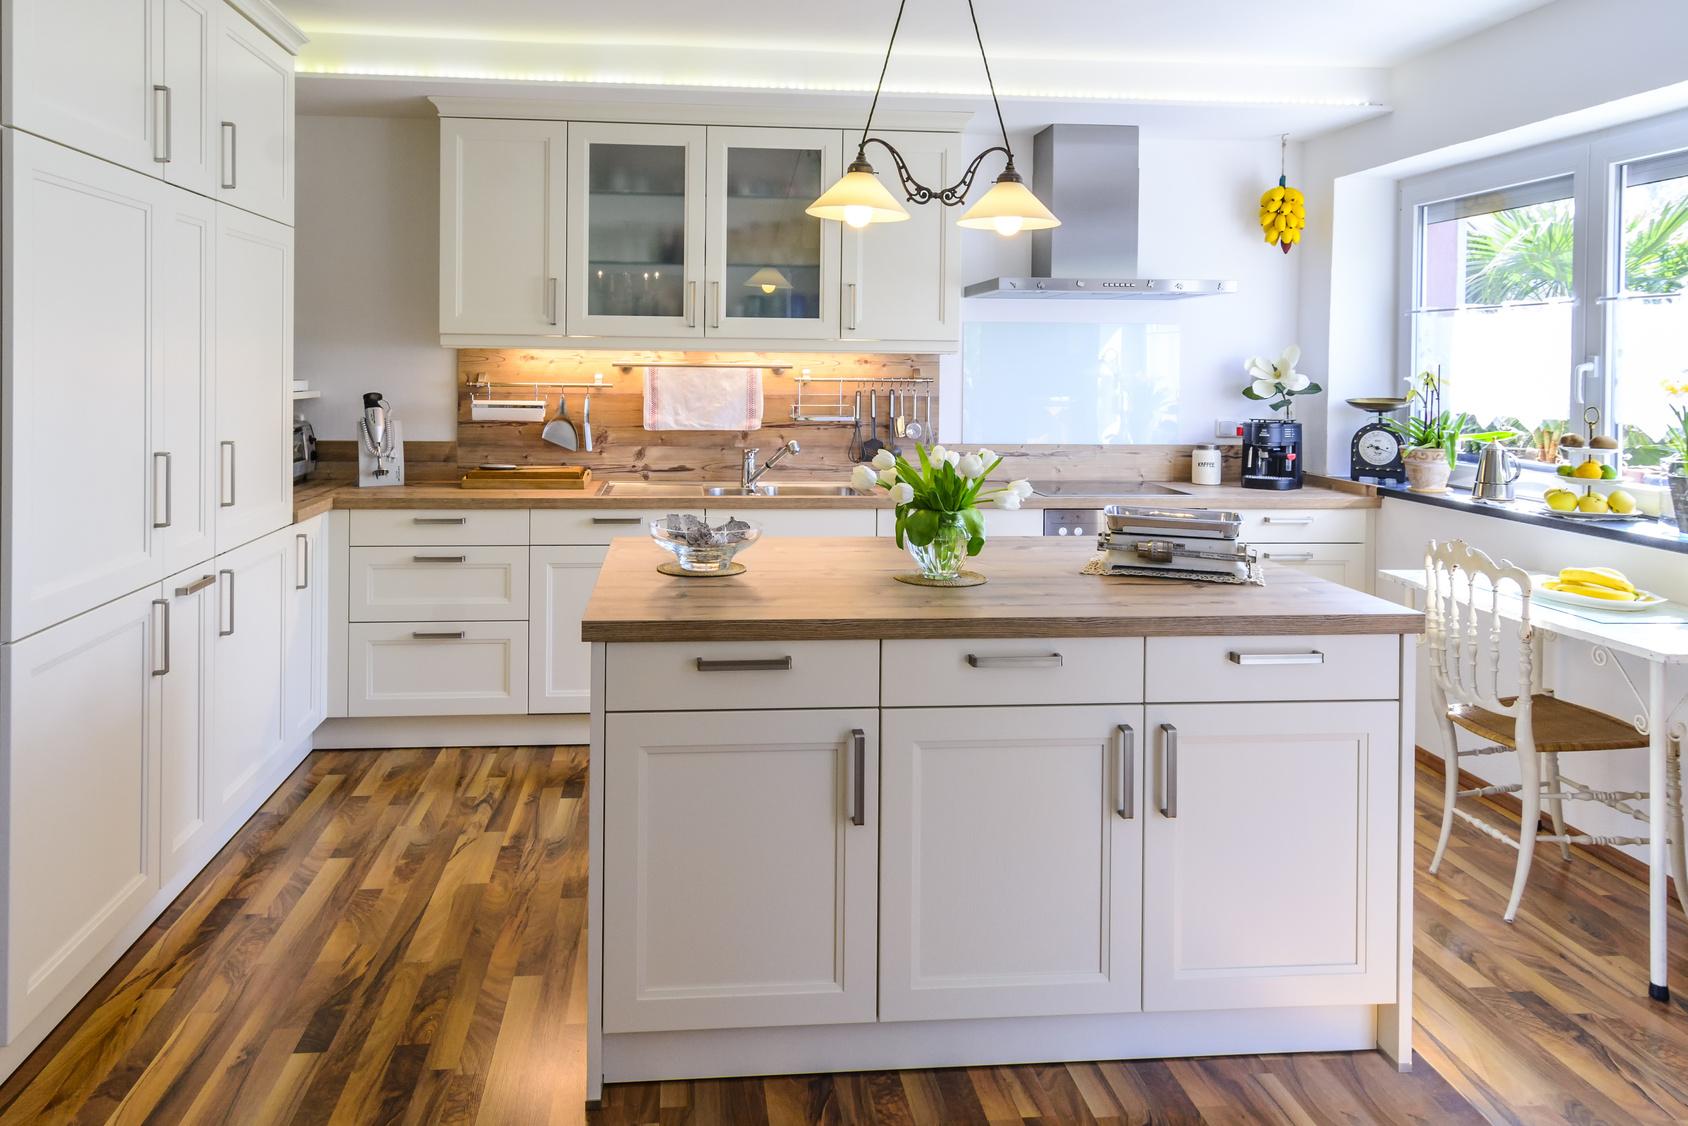 Full Size of Kcheninsel Stilvolle Kchenform Mit Optischem Highlight Freistehende Küche Wohnzimmer Kücheninsel Freistehend